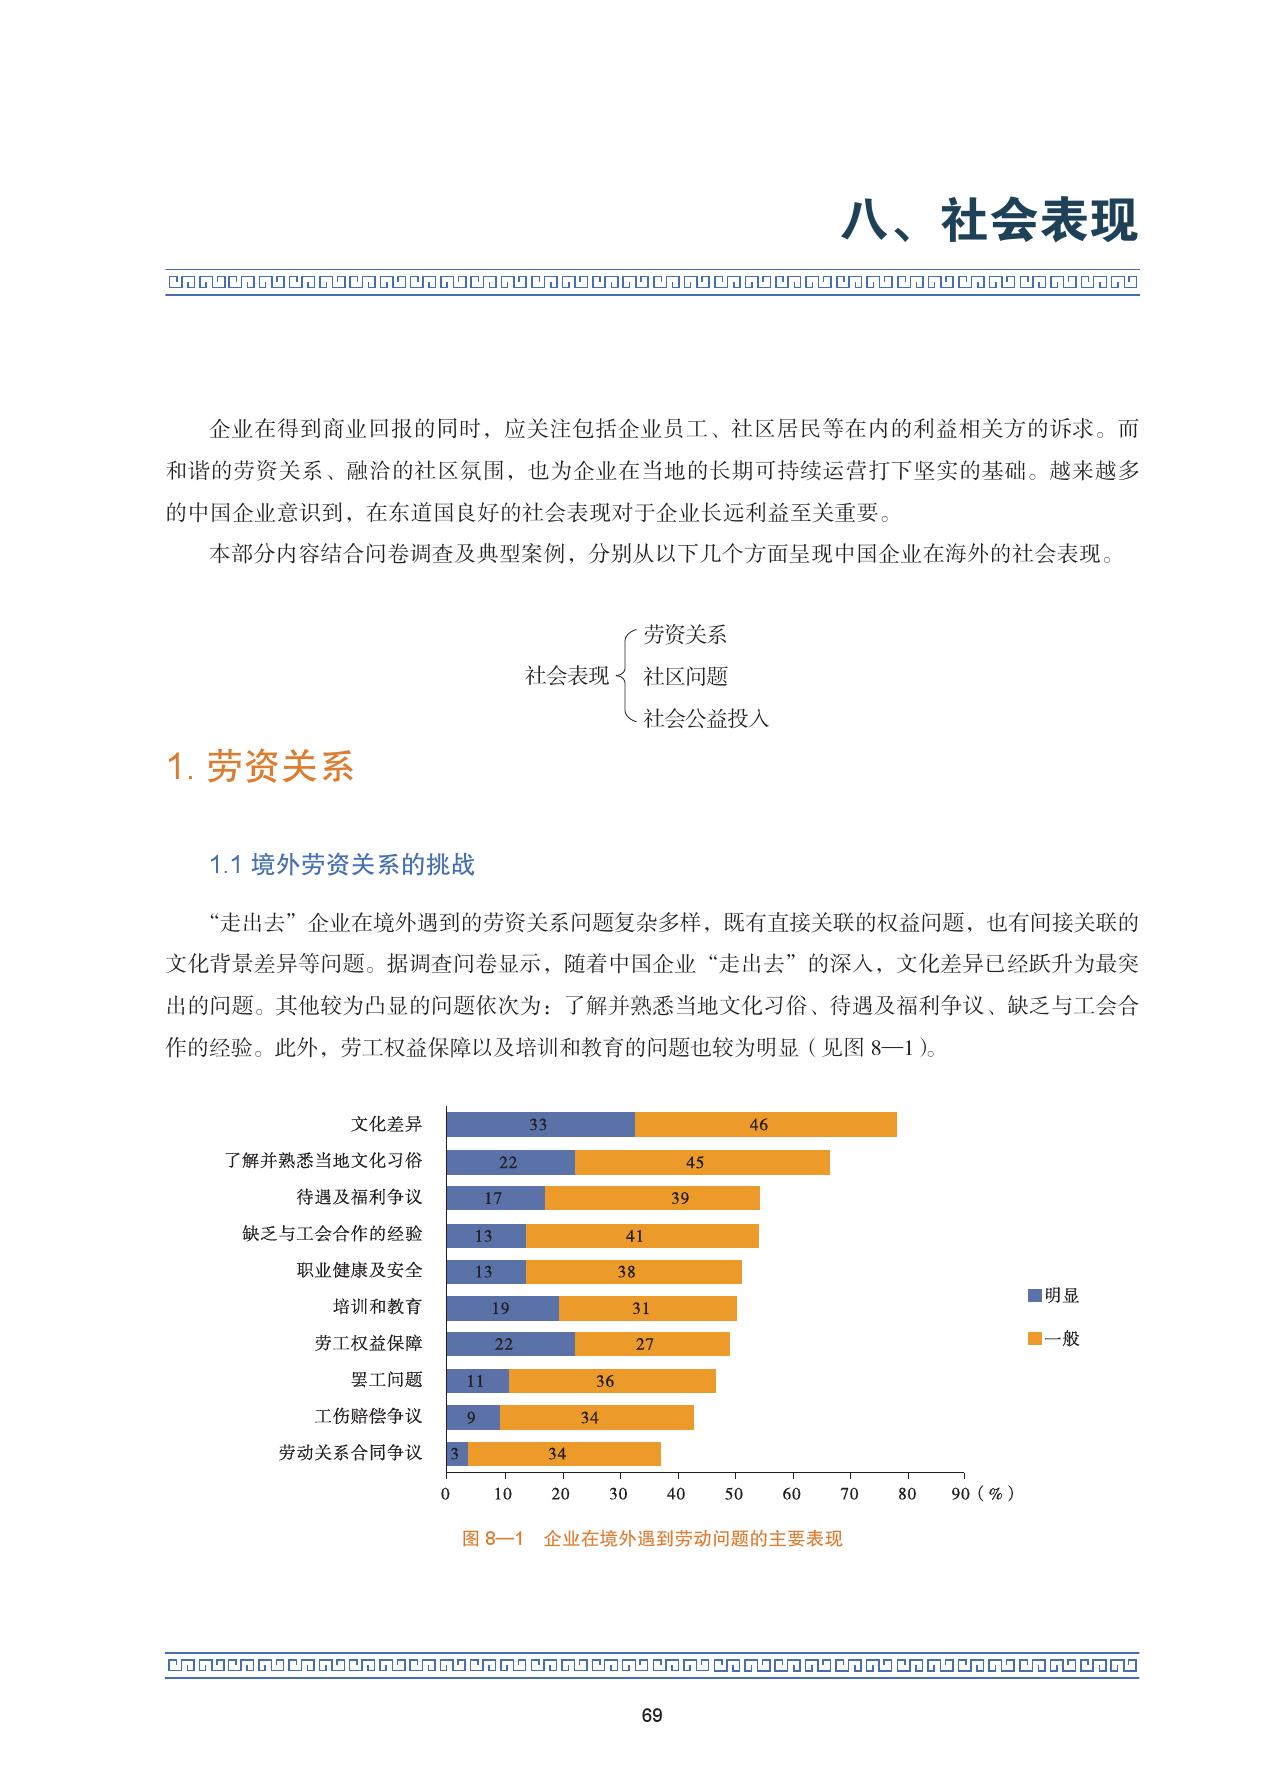 2015中国企业海外可持续发展报告_000083